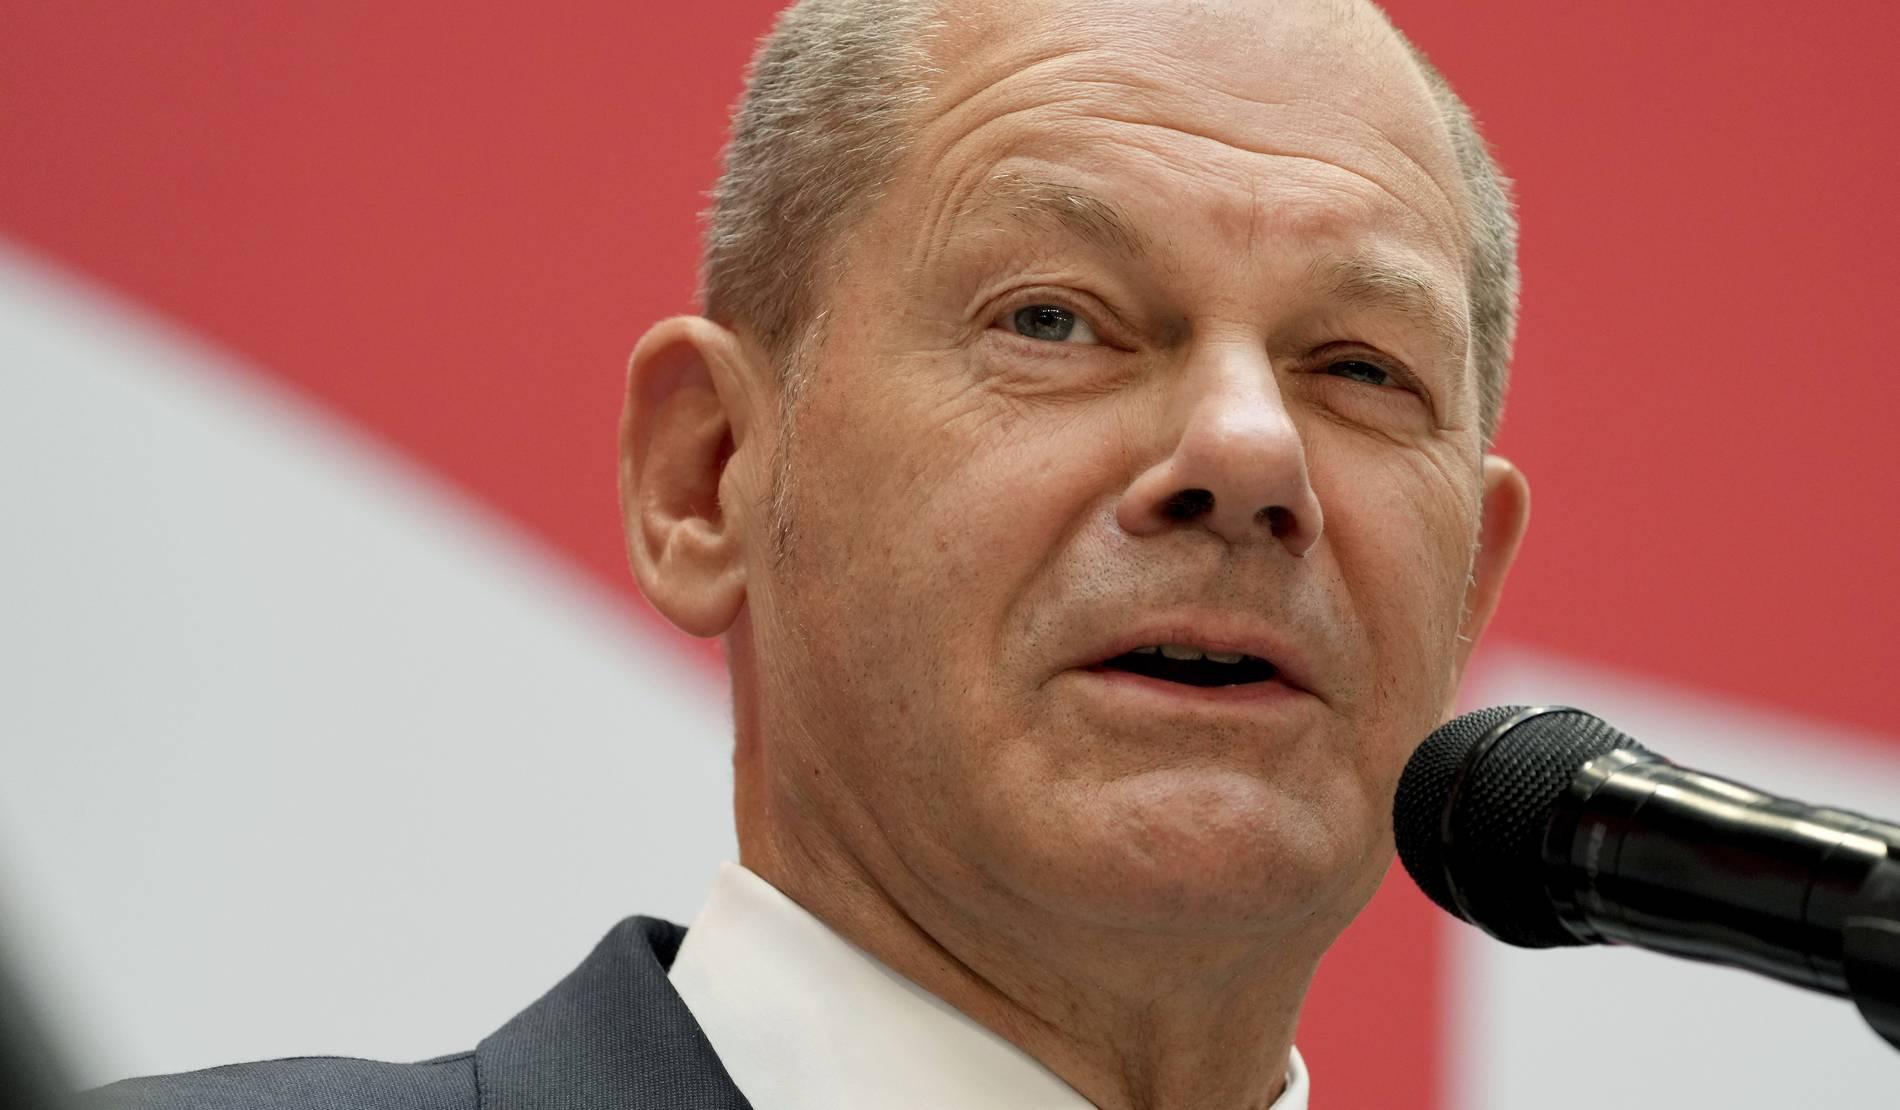 Erste Pressekonferenz auf Englisch   Olaf Scholz probt den Kanzler